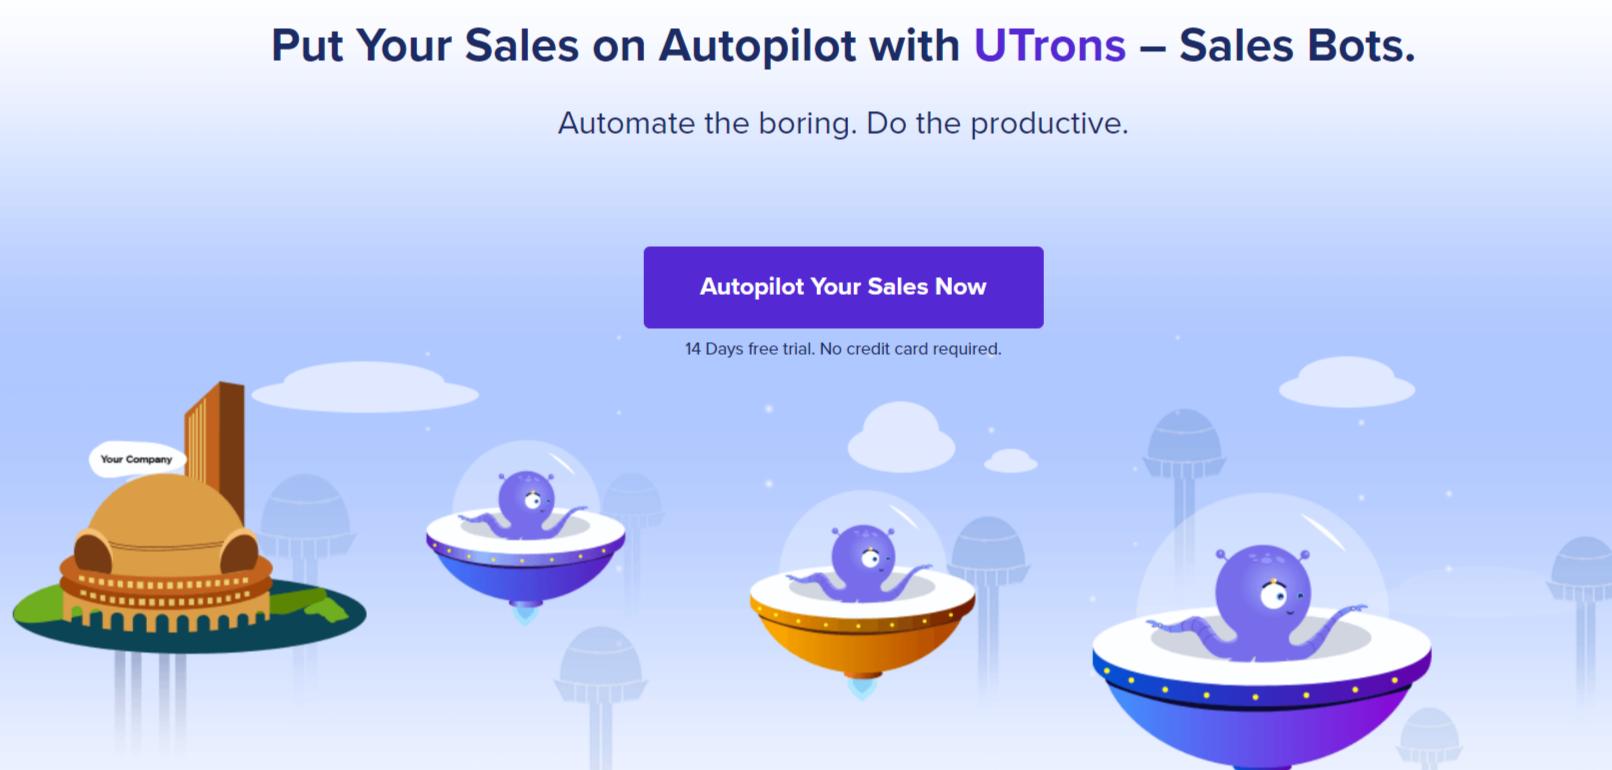 CompanyHub Review- Put Sales On Autopilot